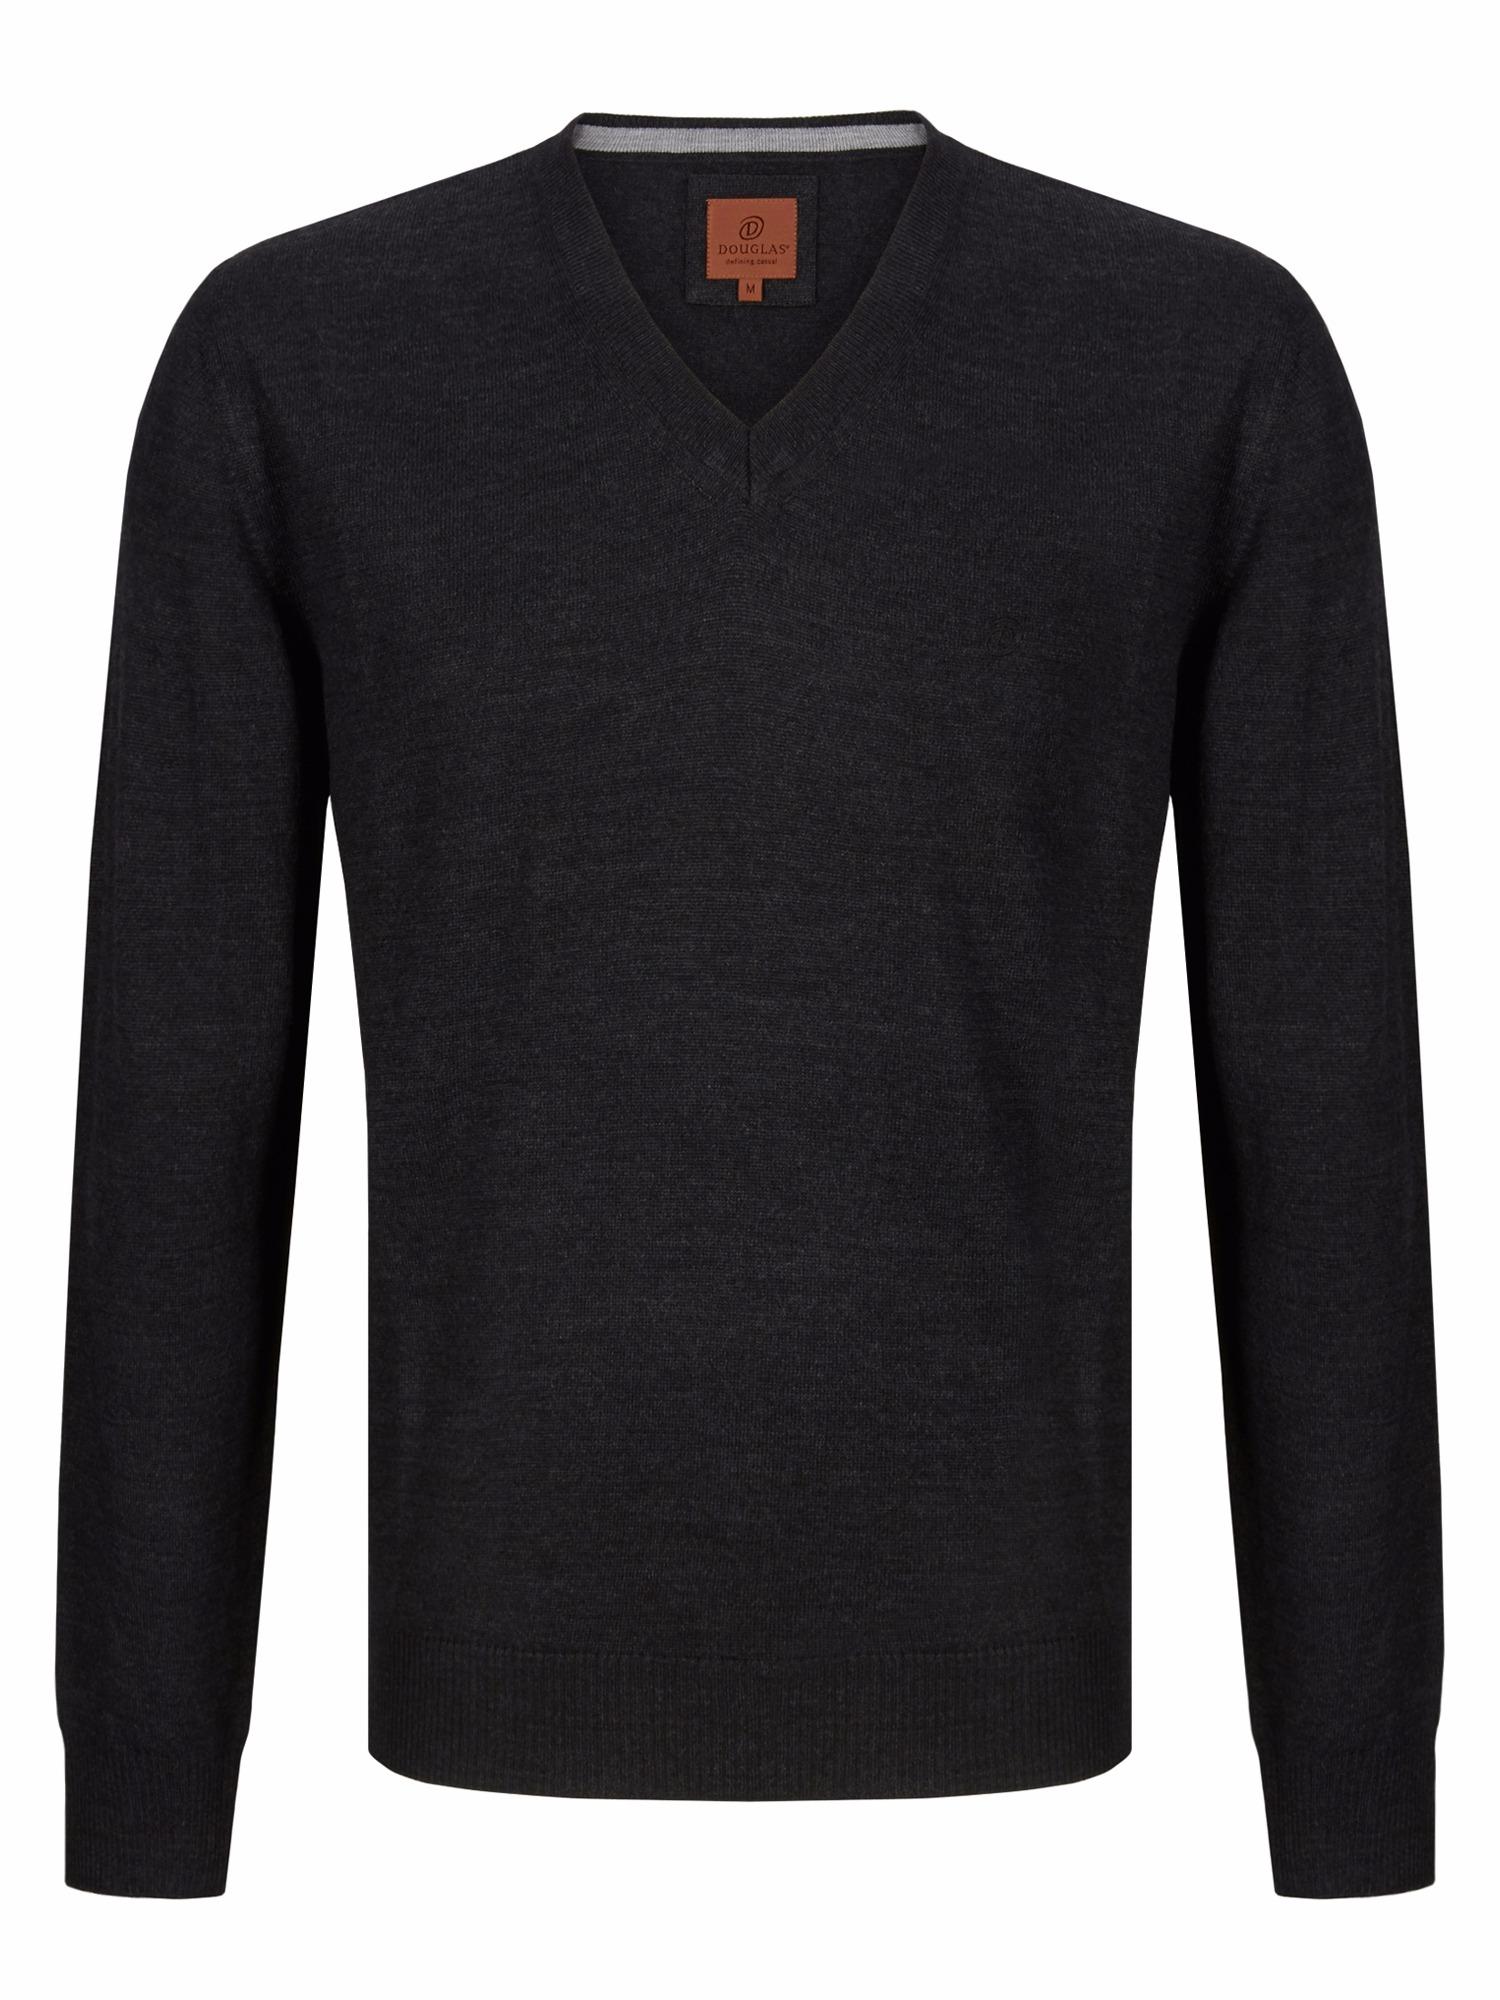 Douglas Charcoal V Neck Knit Sweater